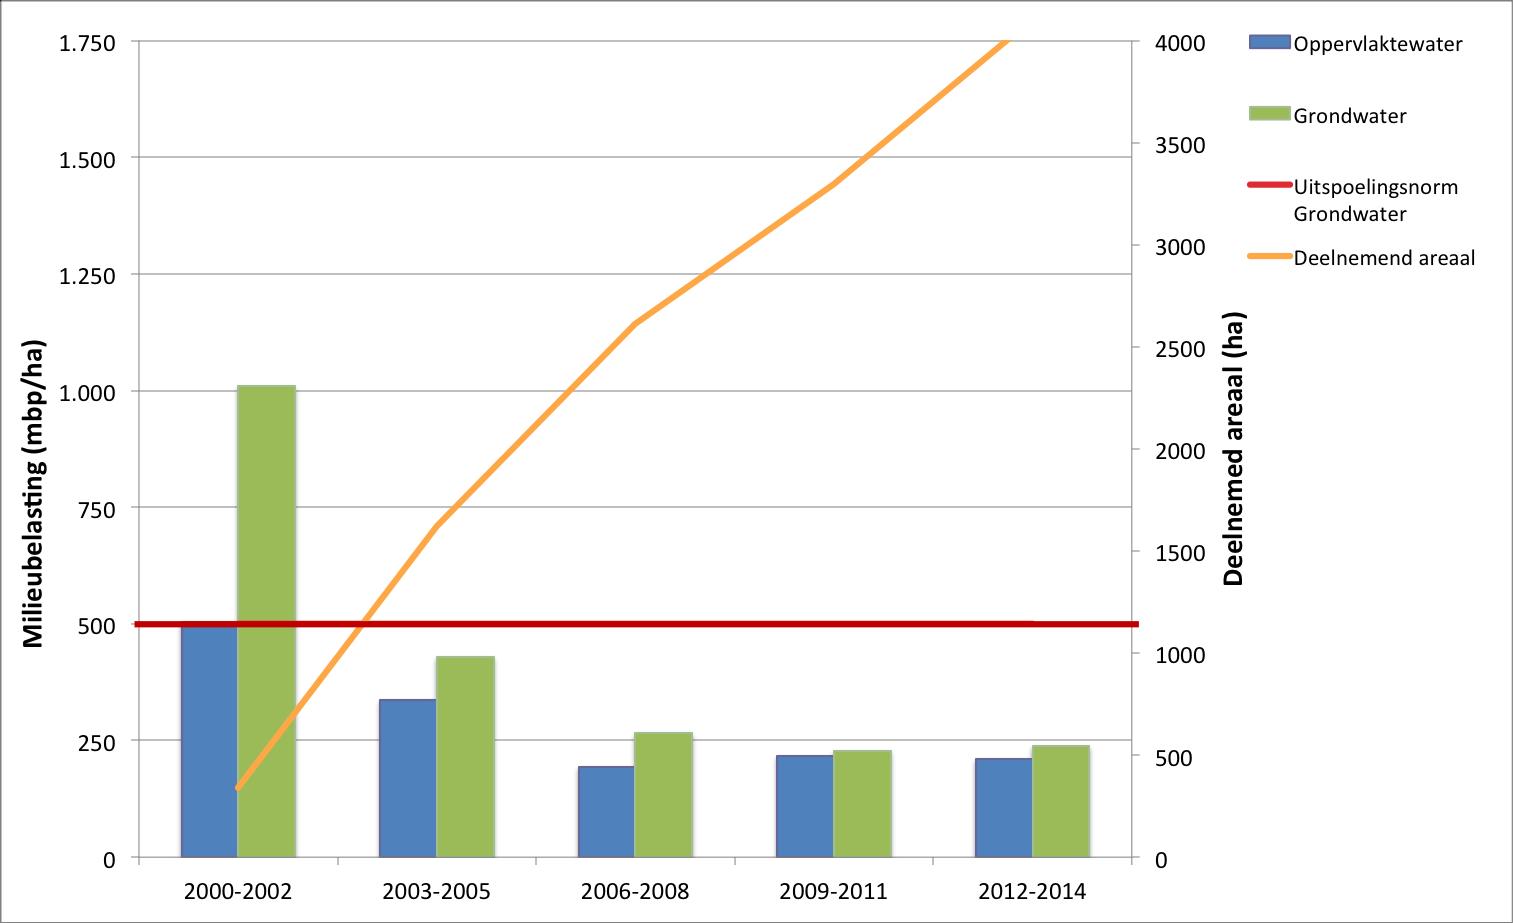 Gemiddelde milieubelasting van grondwater en oppervlaktewater (mbp/ha) van de grondwaterbeschermingsgebieden van Schoon Water tussen 2000 en 2014. De horizontale rode lijn geeft de uitspoelingsnorm van 500 mbp/ha weer. De oranje lijn geeft het deelnemend areaal weer.